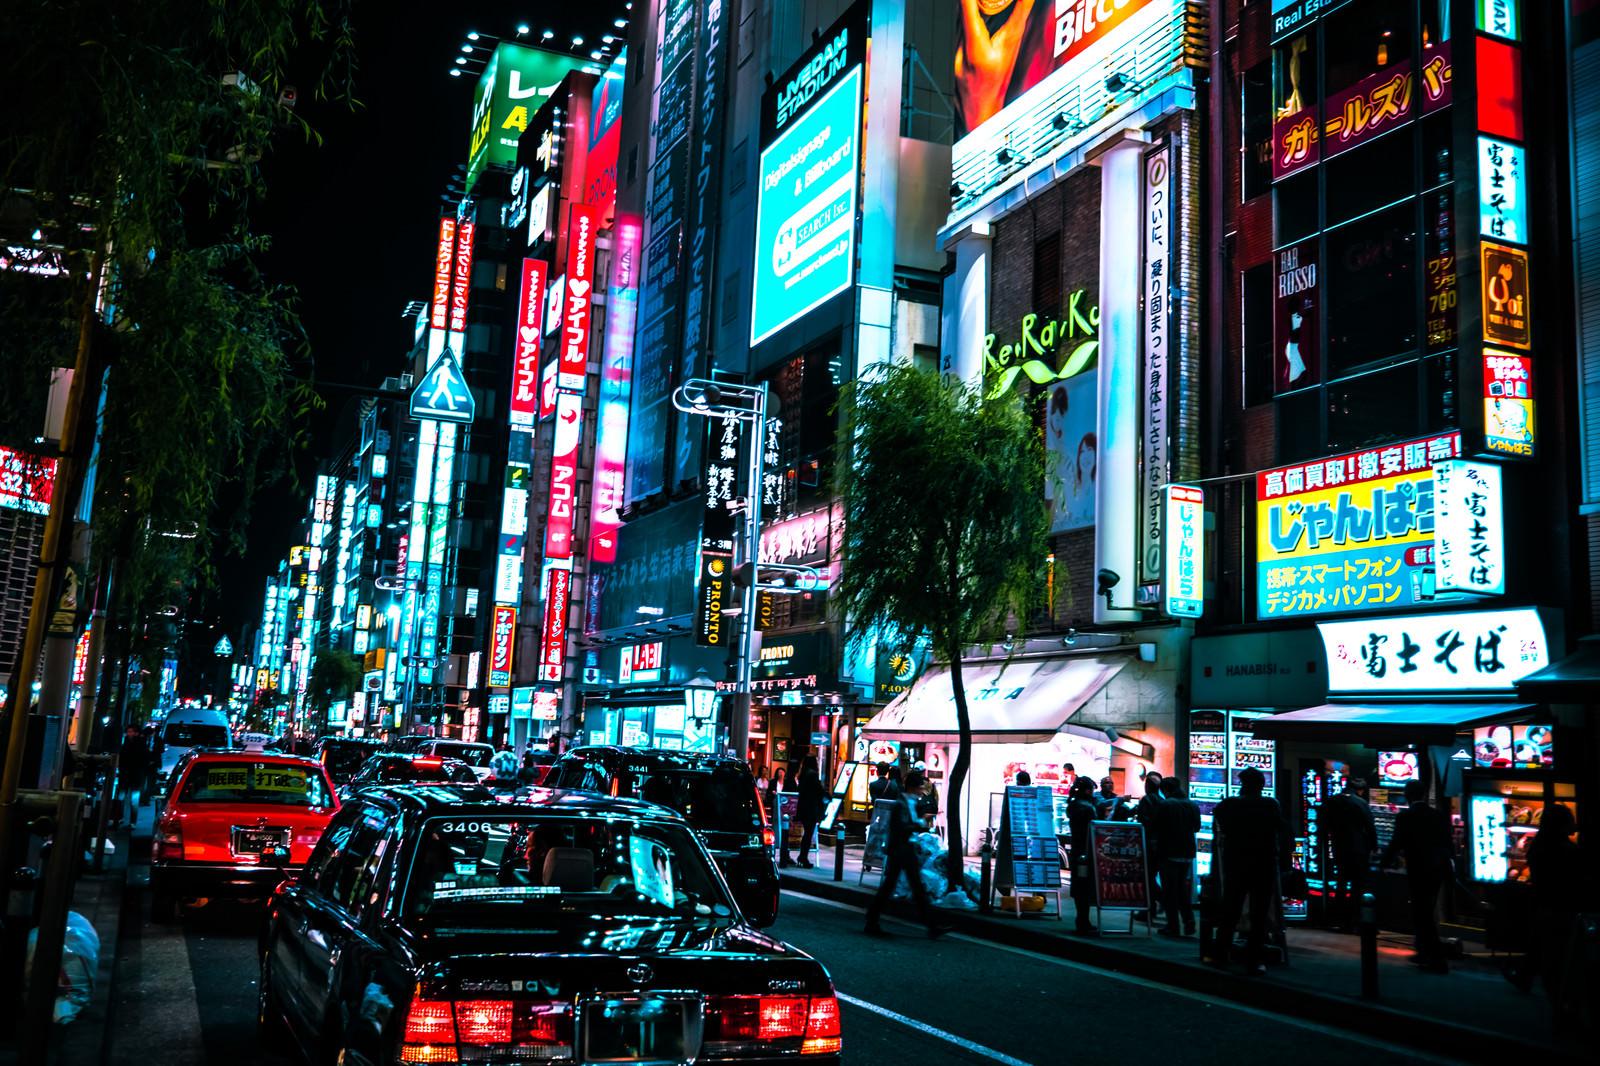 「繁華街のネオンと路肩に停めるタクシー(新橋) | 写真の無料素材・フリー素材 - ぱくたそ」の写真